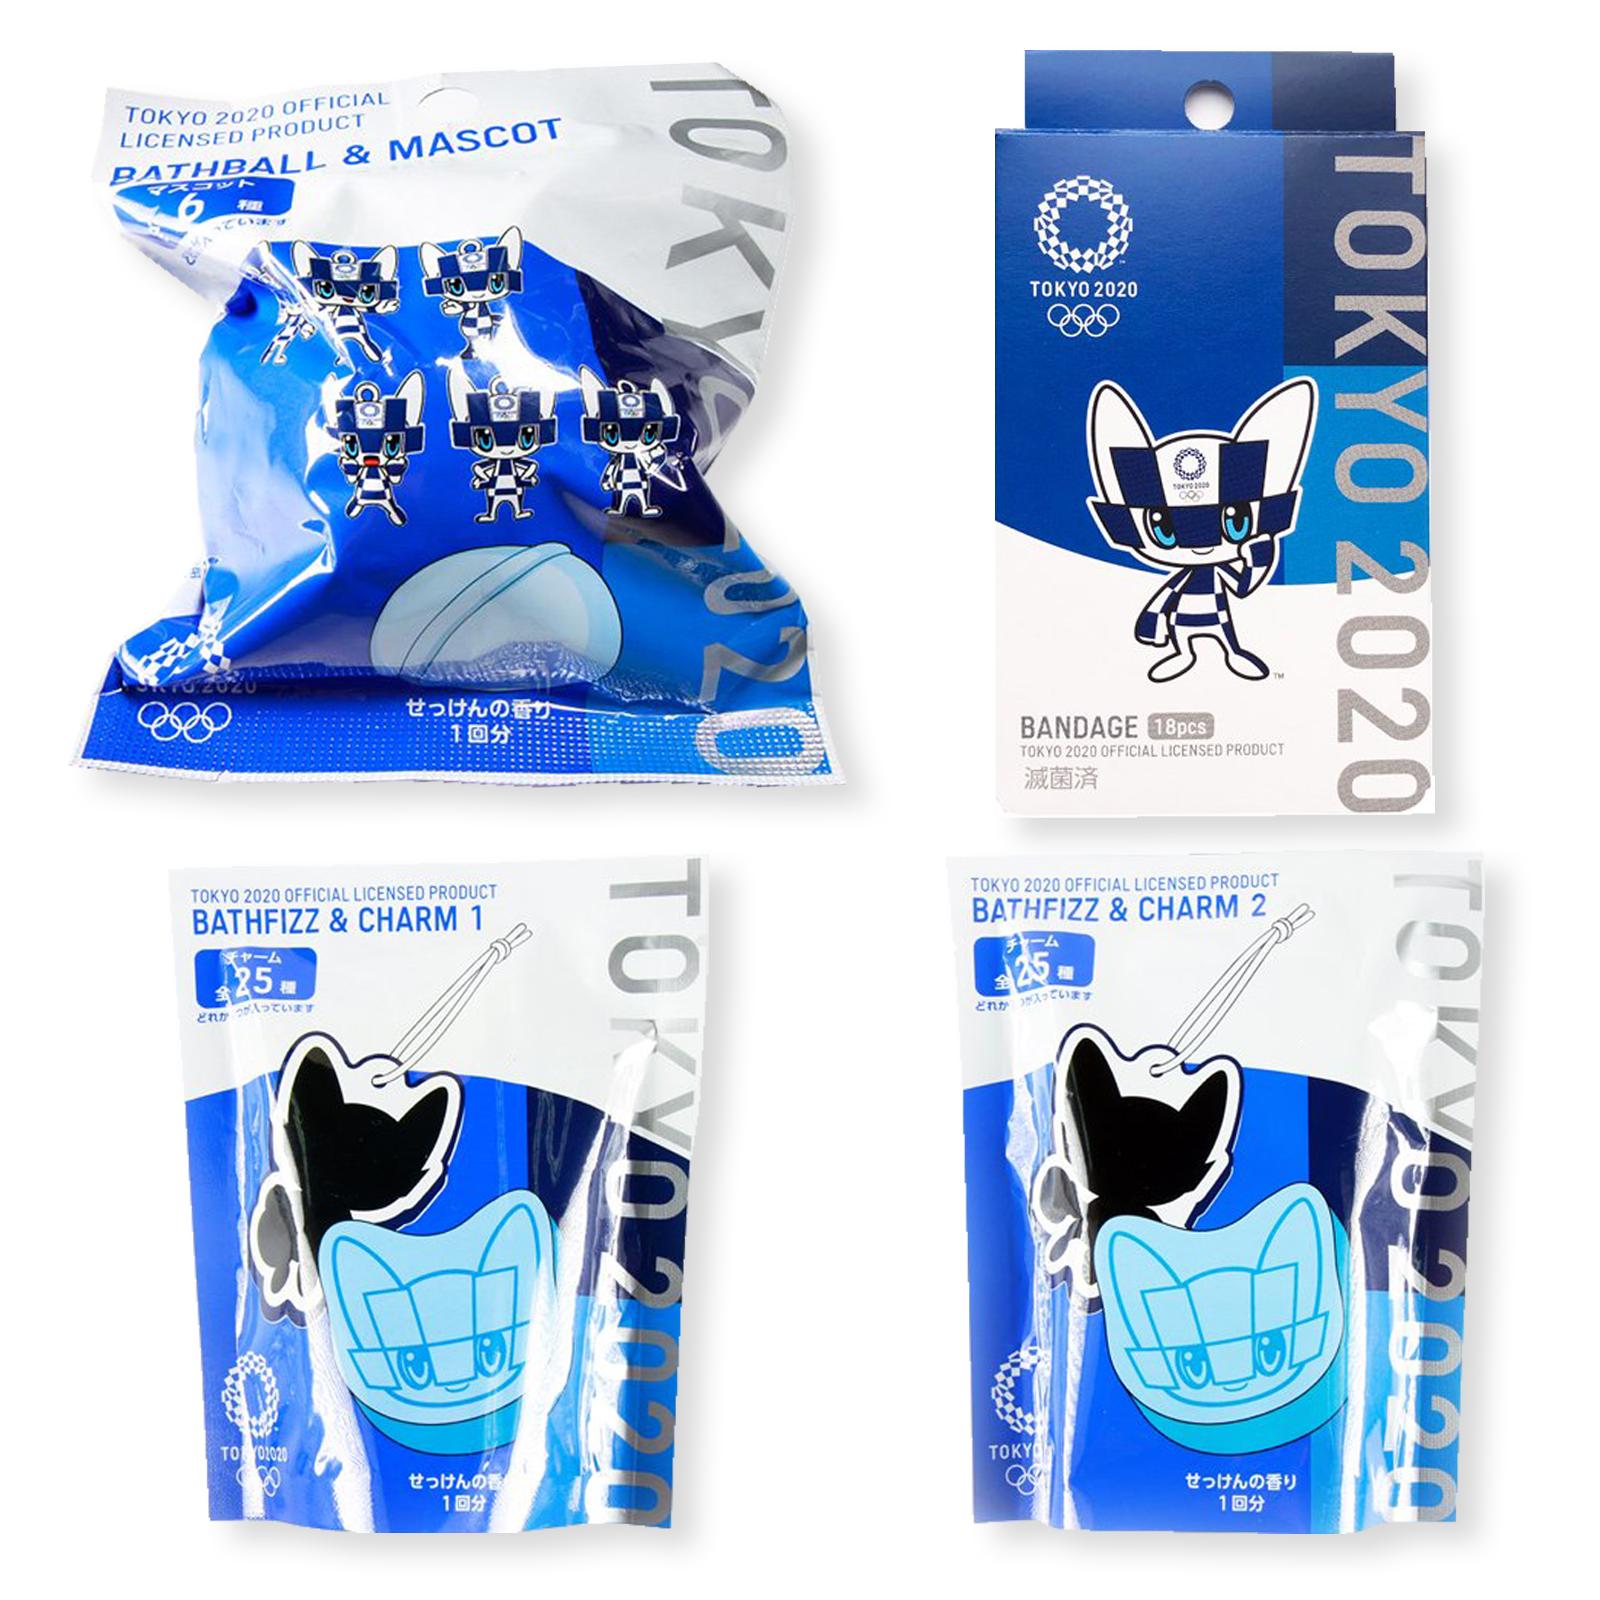 【セール価格】【お得なセット】東京2020オリンピックマスコット商品セット